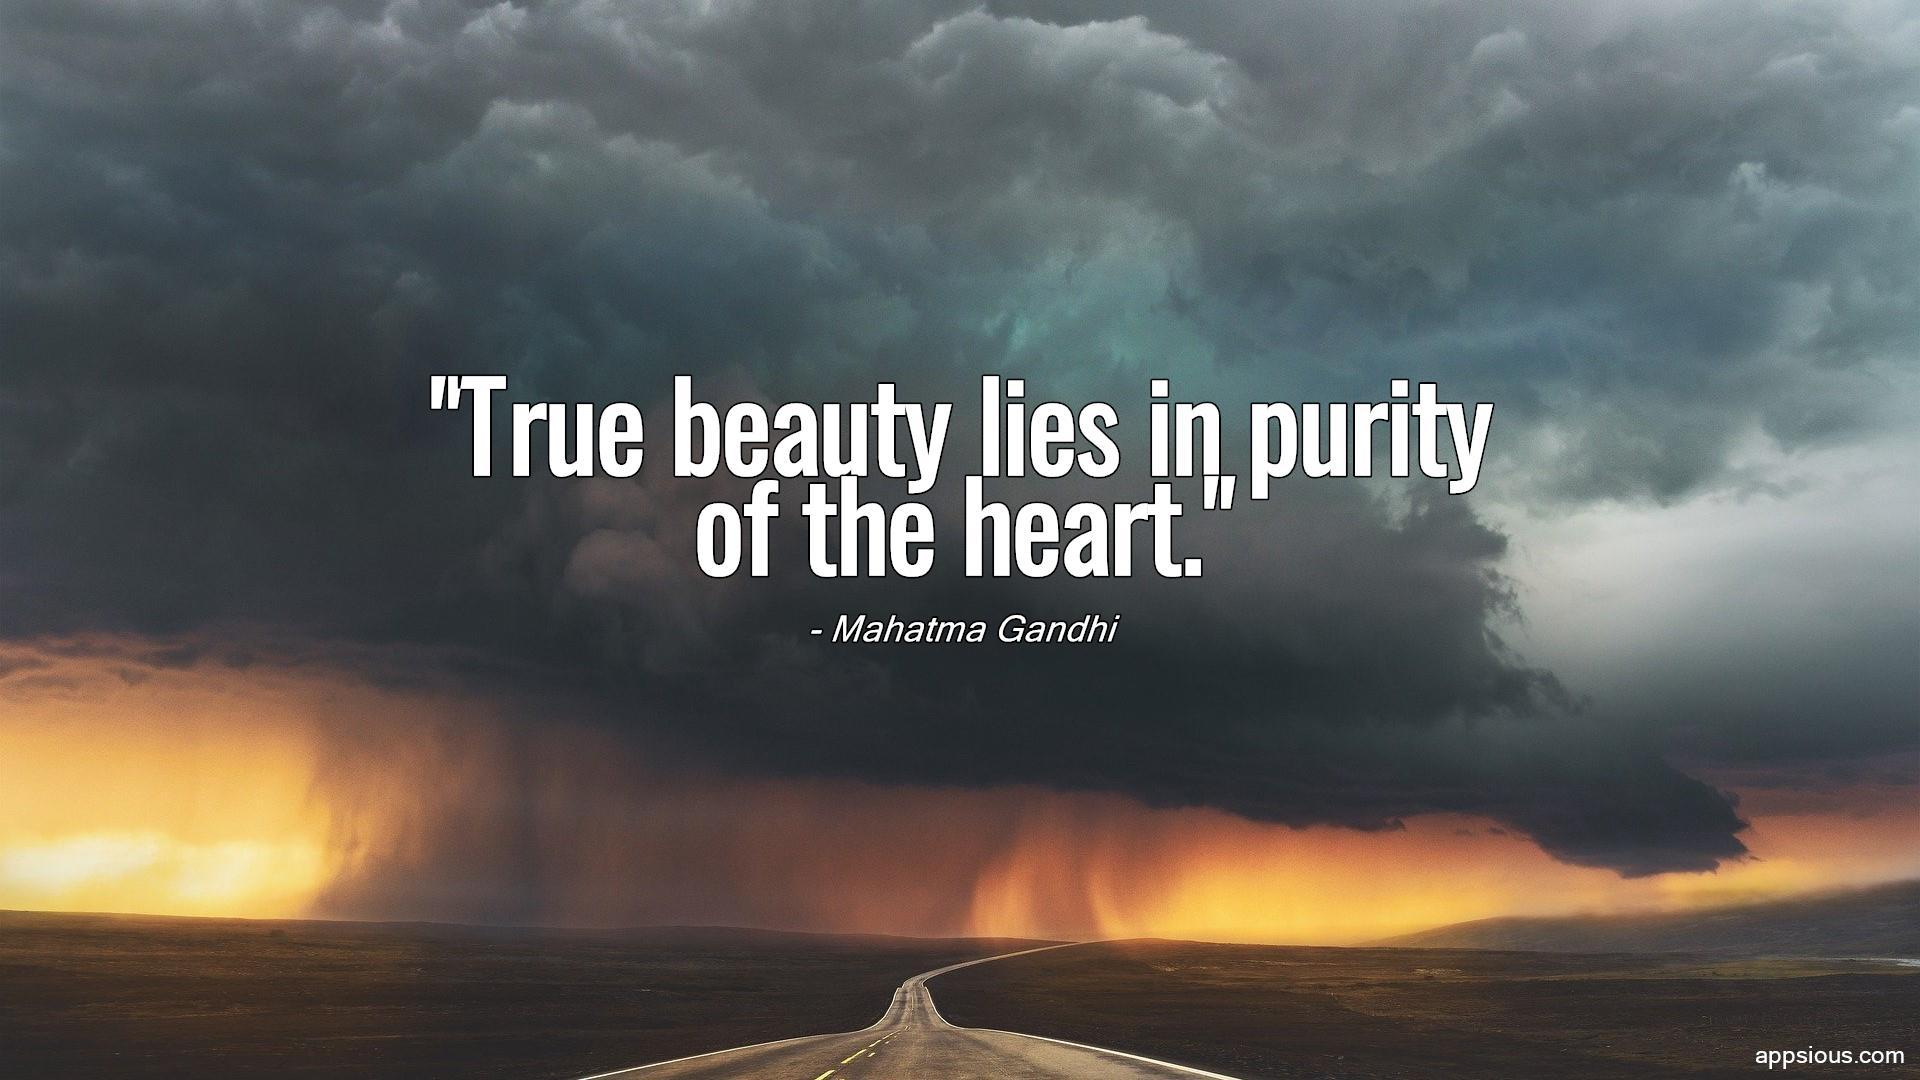 True beauty lies in purity of the heart.